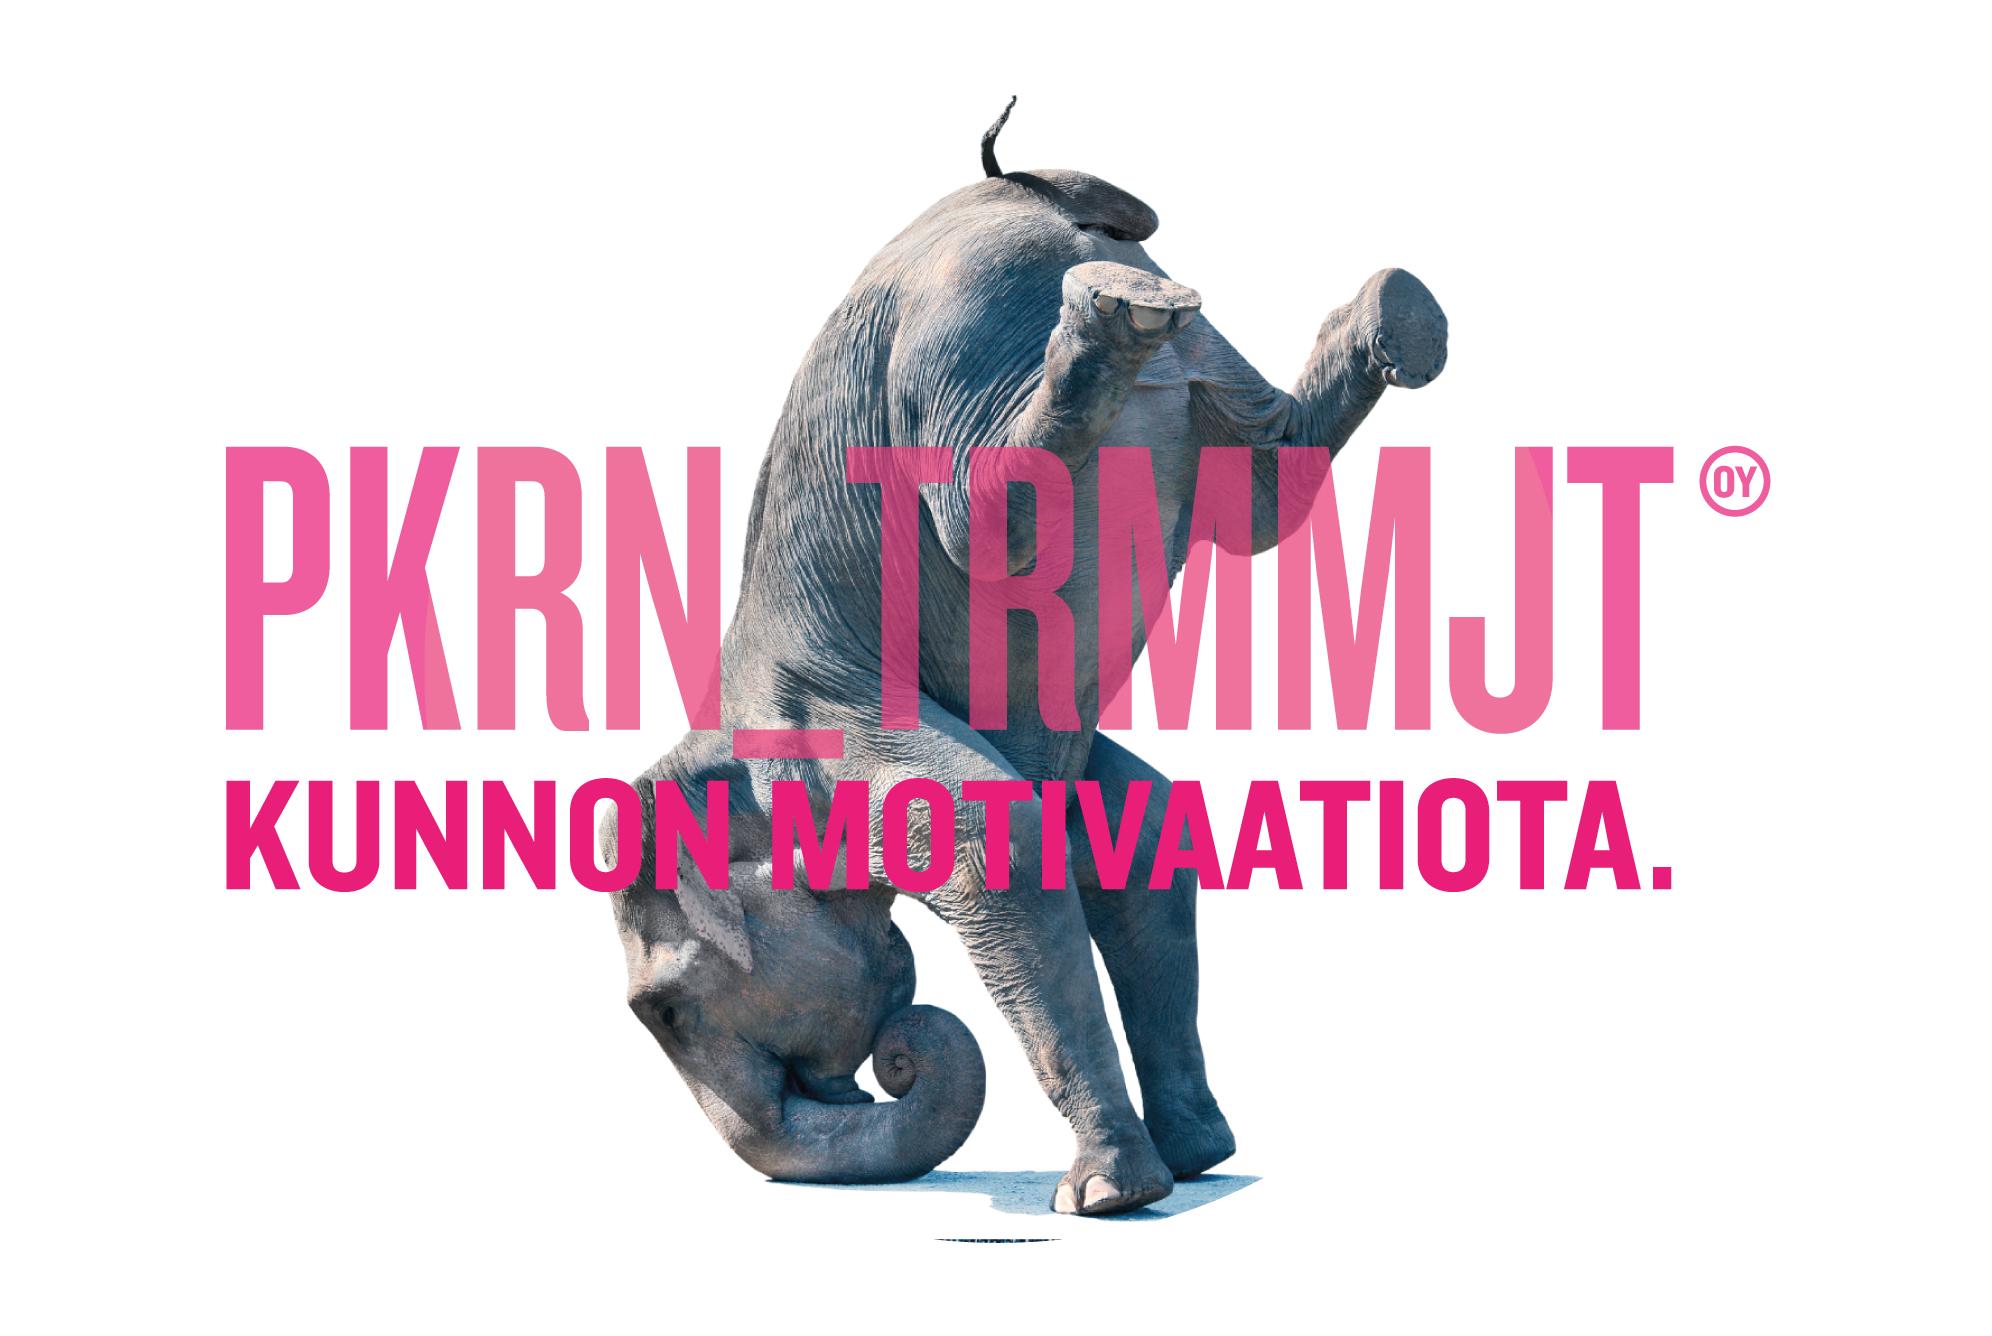 Kunnon_01_Lux_PKRN_TRMMJT_2017.jpg